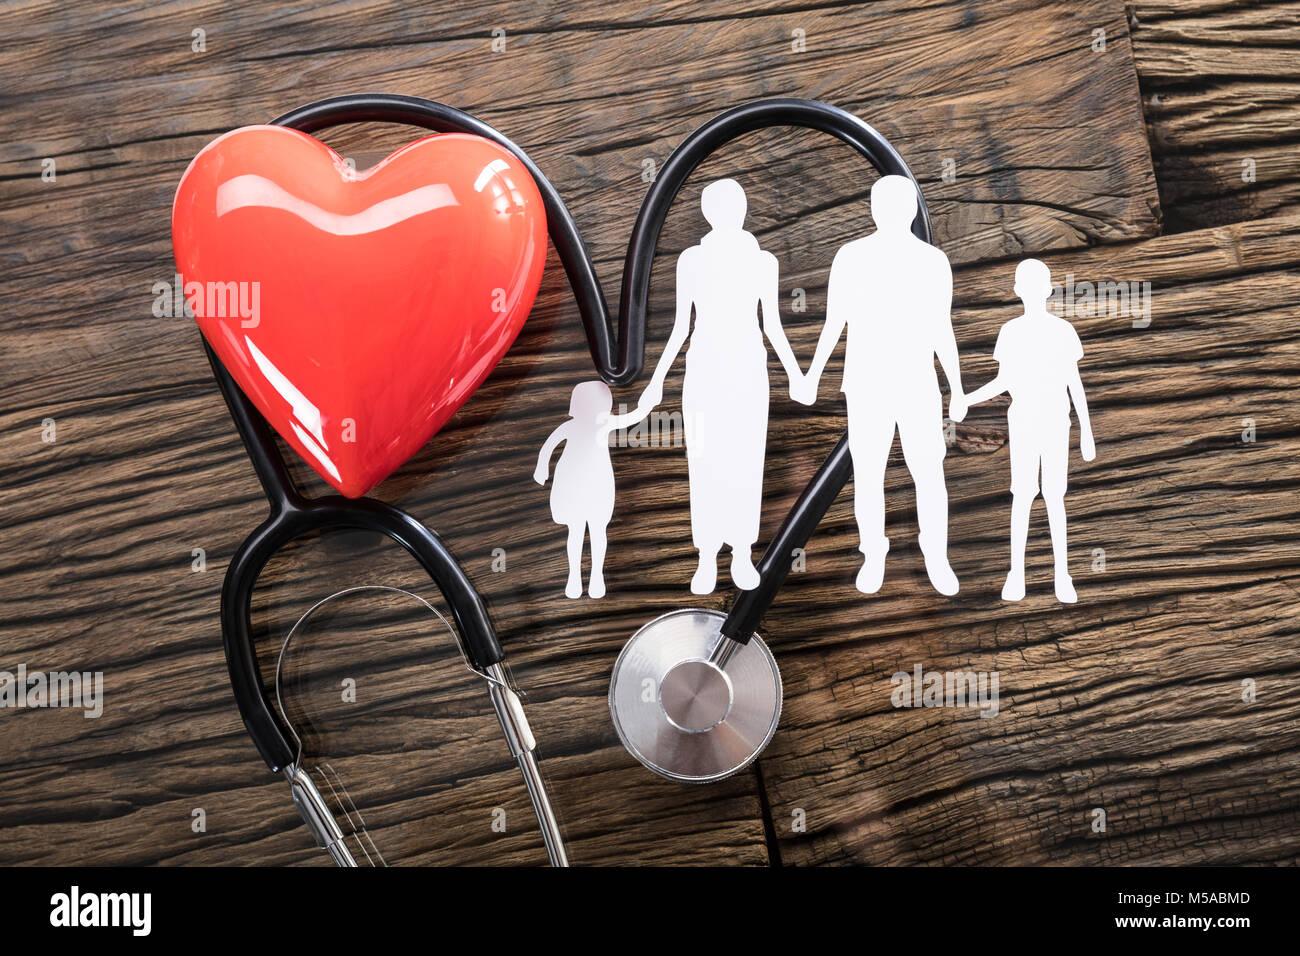 Vista elevada de corte familiar y rojo el corazón con un estetoscopio sobre el escritorio Imagen De Stock